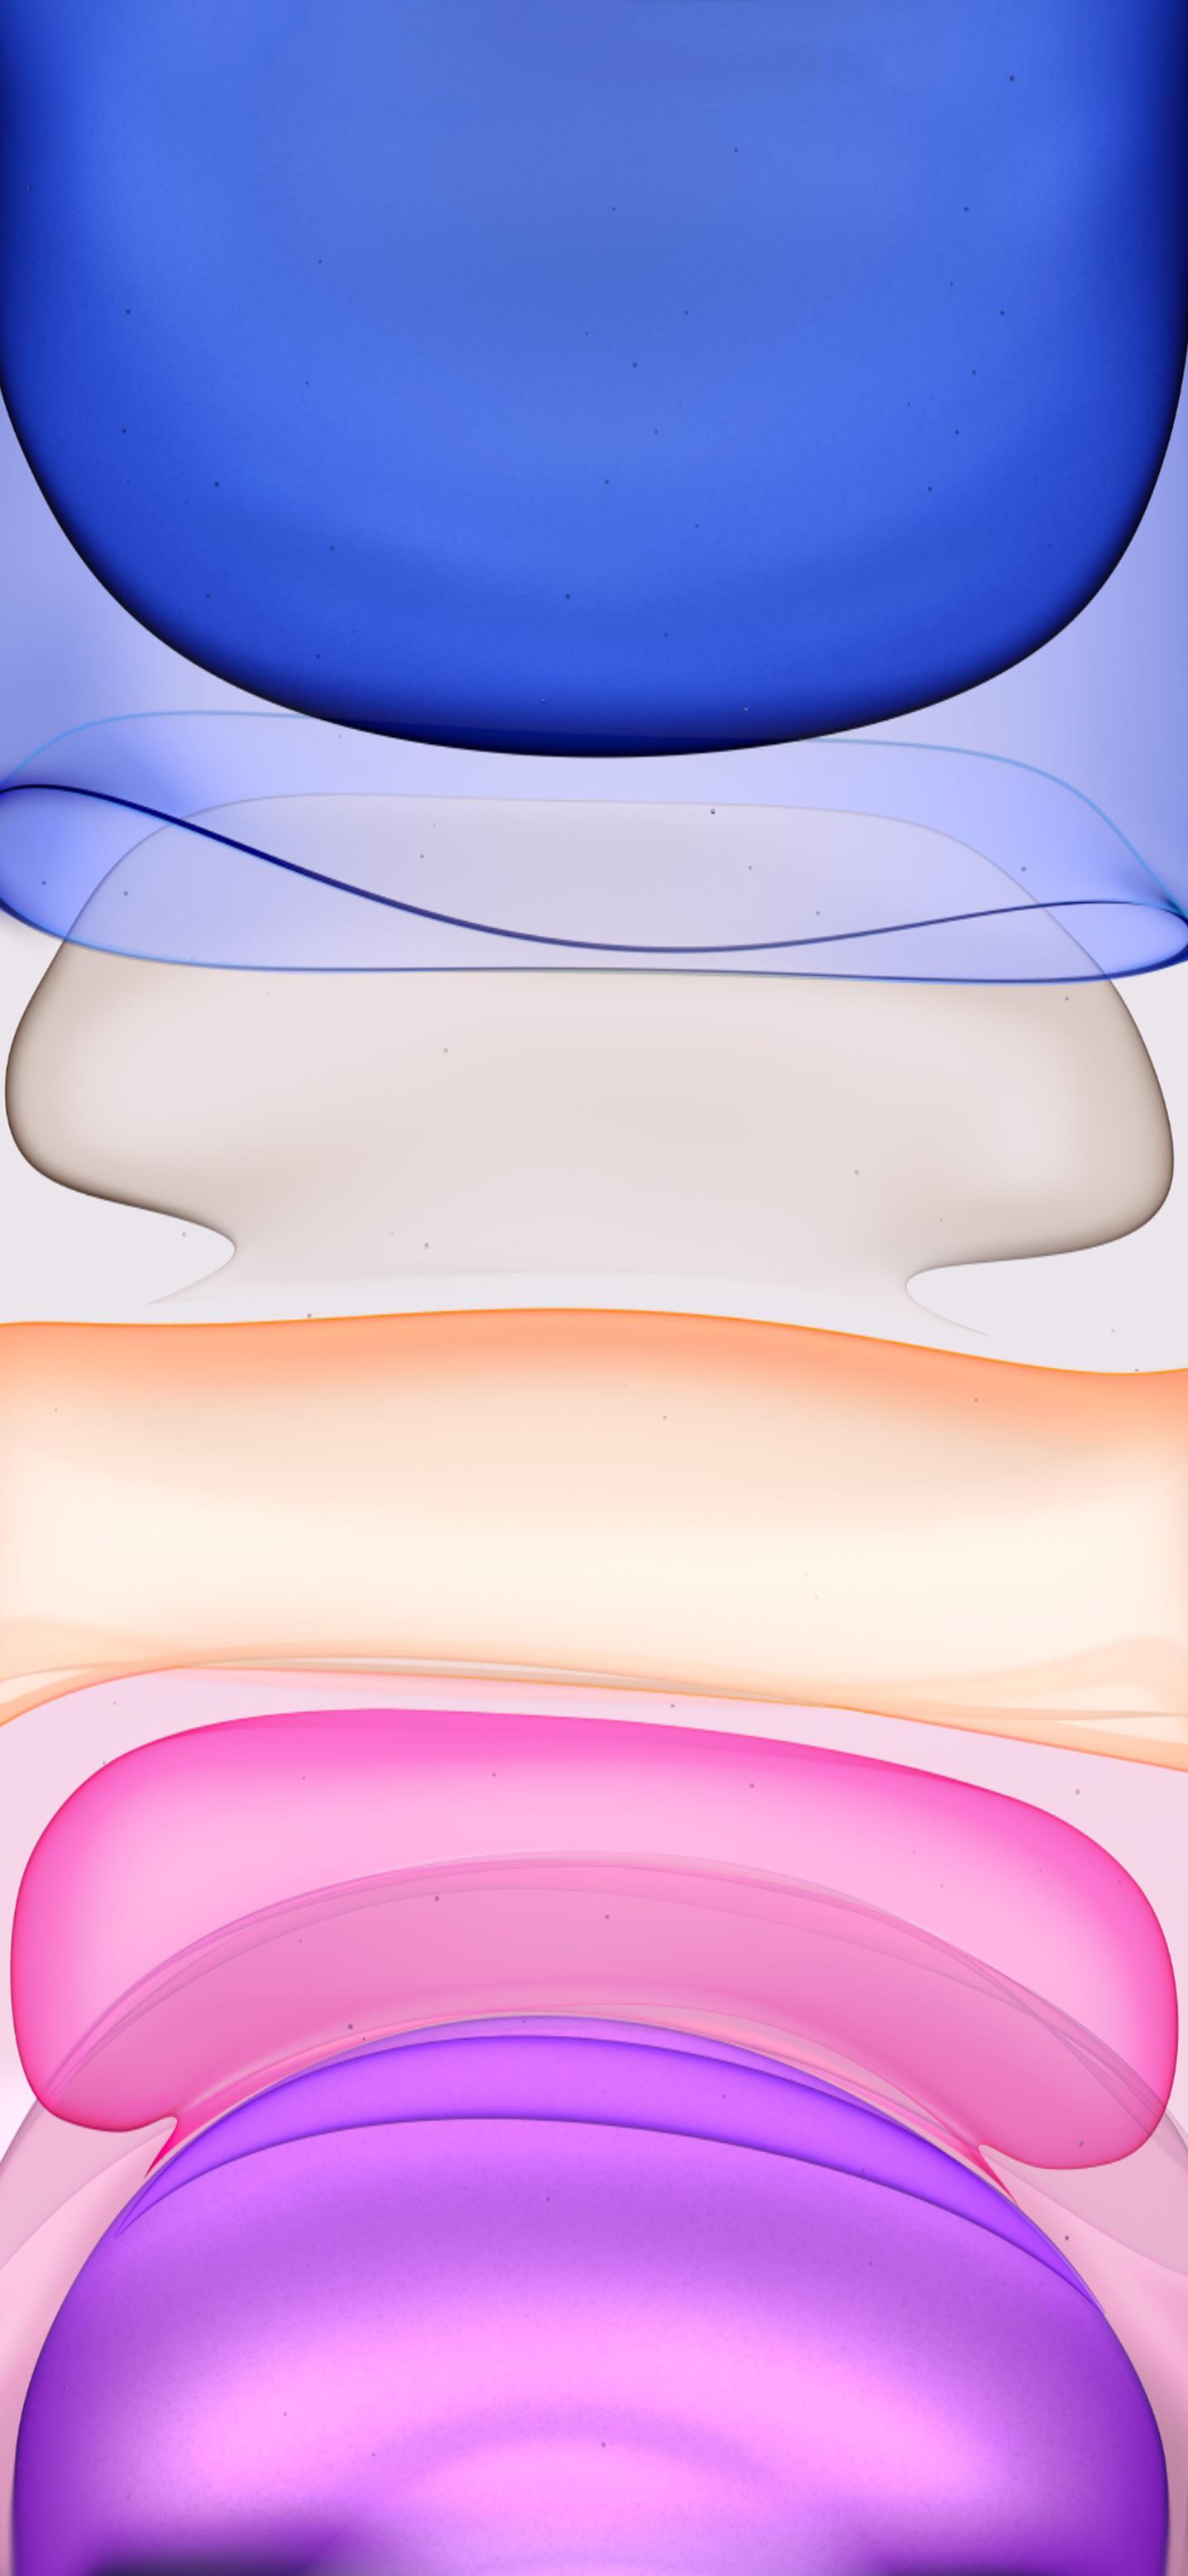 iphone-11-default-wallpaper-TechFoogle